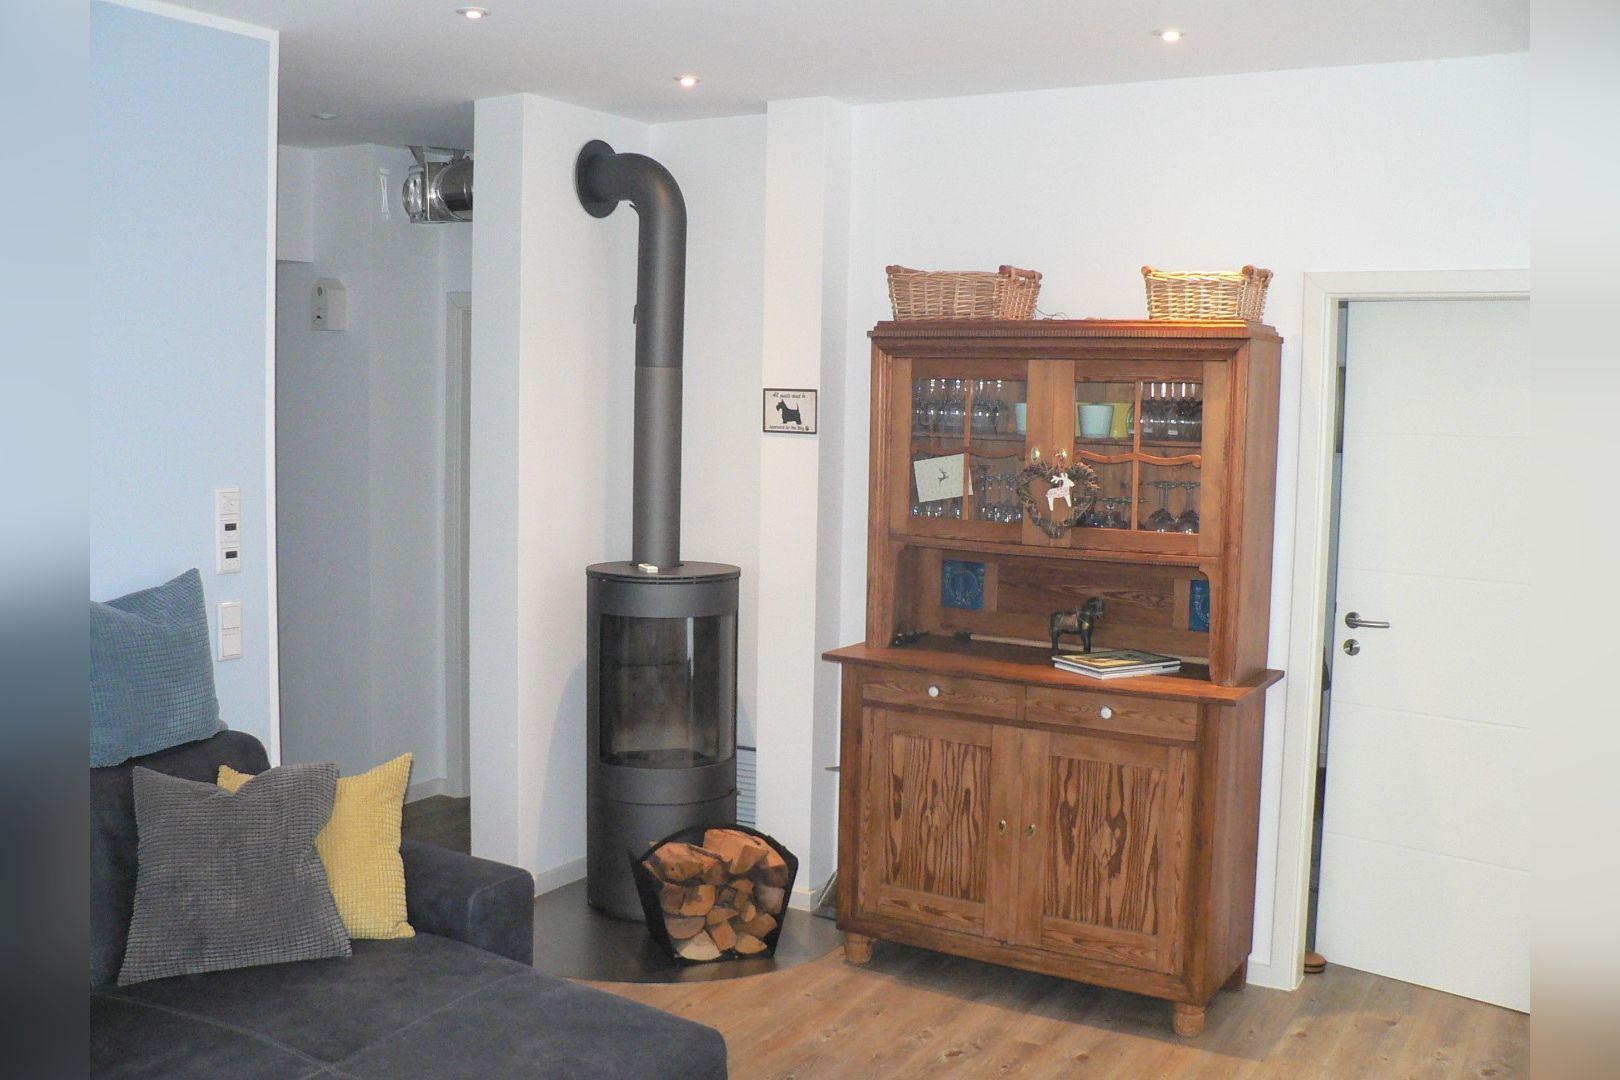 Immobilie Nr.0248 - Doppelhaushälfte mit eingeschossigem Anbau, Garten & Dachterrasse - Bild 3.jpg